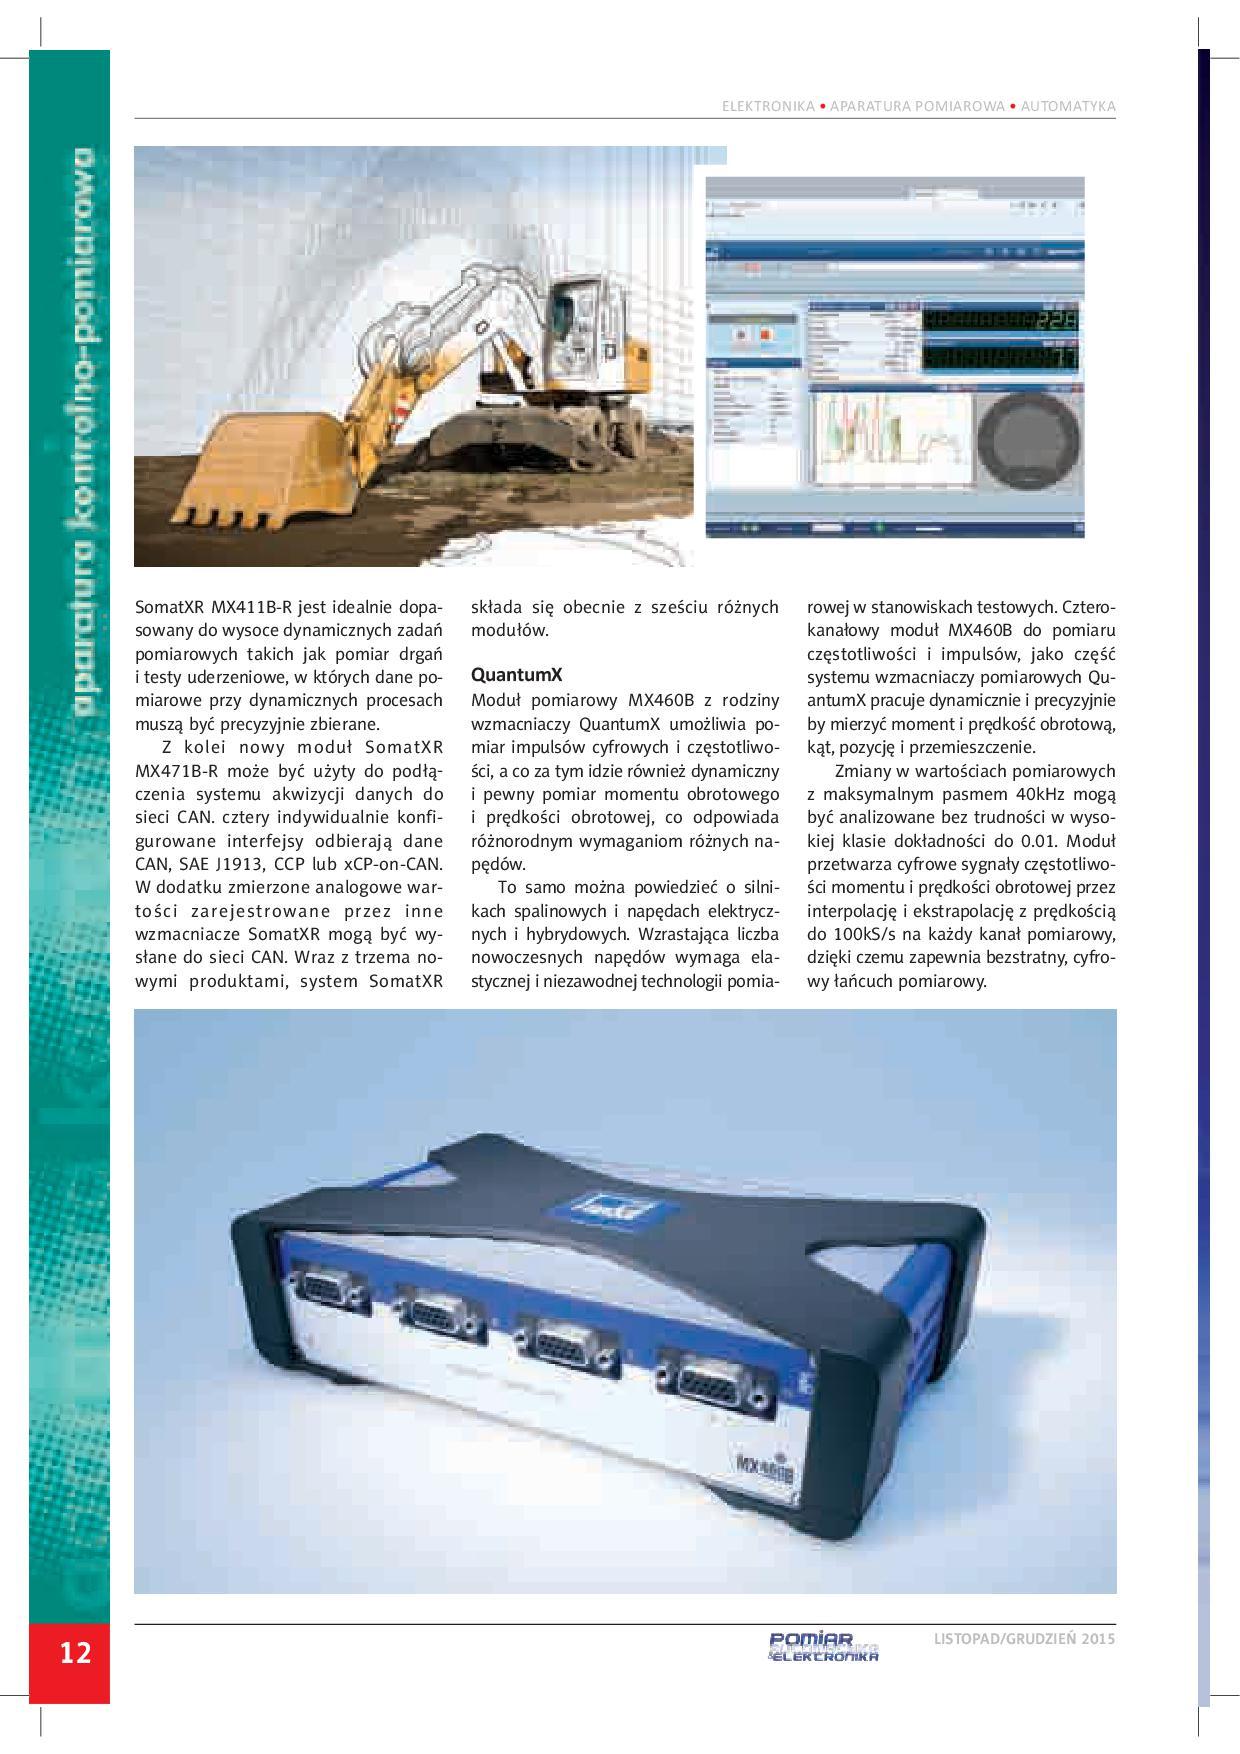 Pomiar_6_2015_prev1.pdf12.jpg